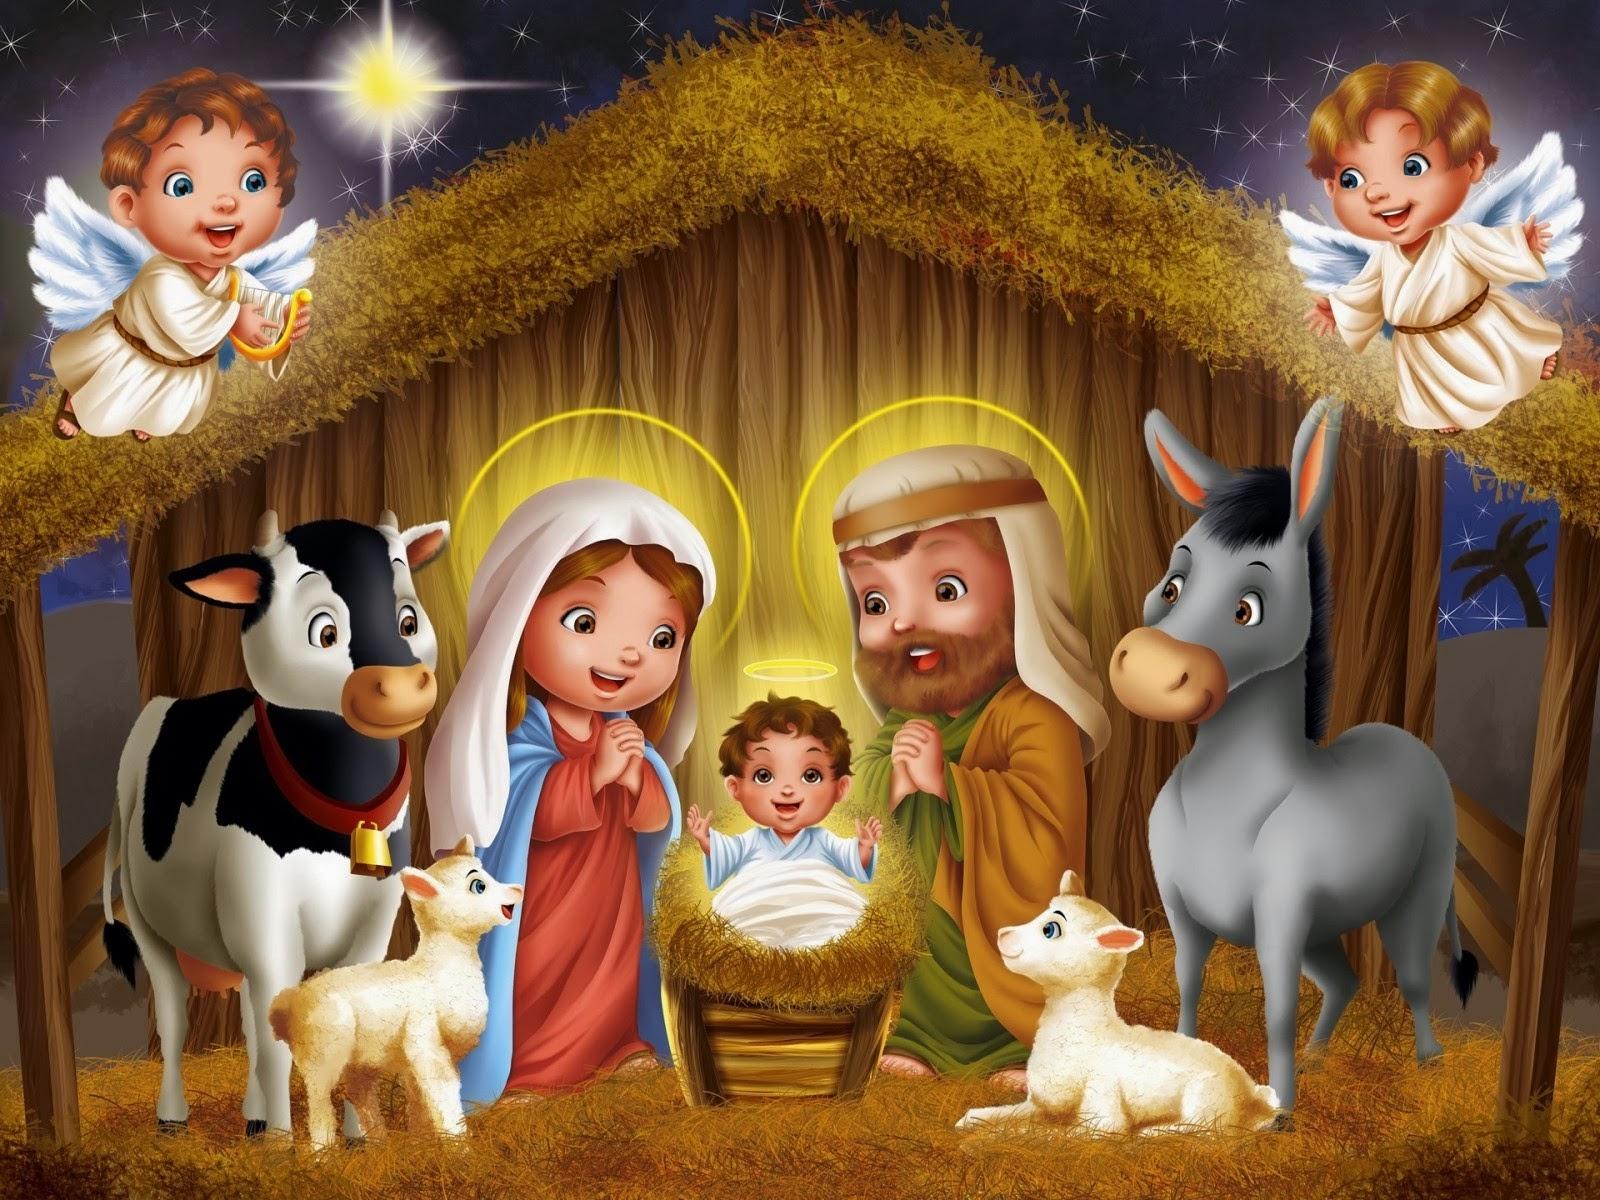 nacimiento-de-jesus - Son mis deseos, mis deseos son..., Feliz Navidad y Prospero Año Nuevo - Off Topic